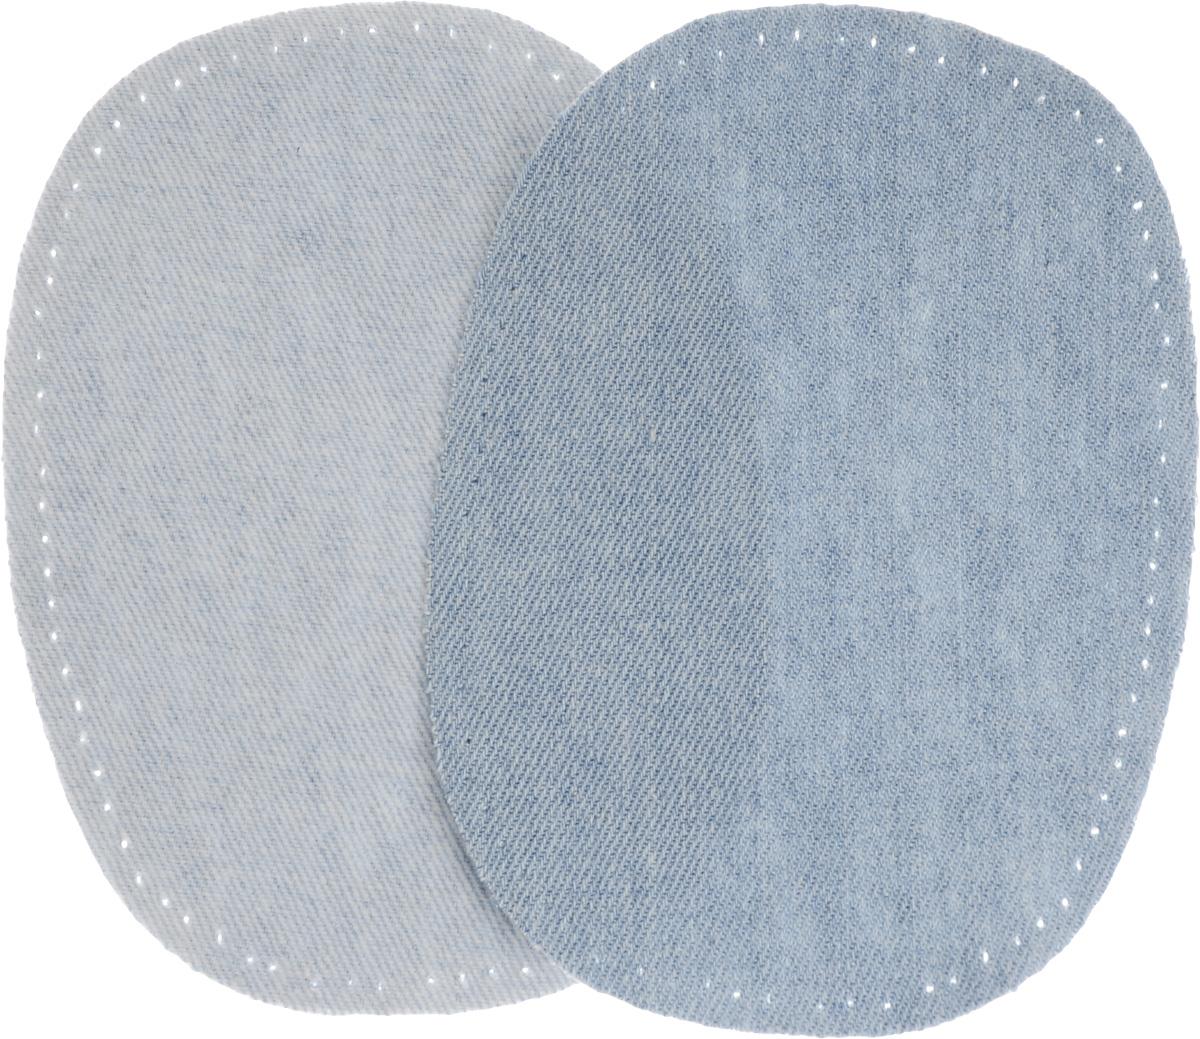 Заплатка термоклеевая Prym, 10 х 14 см, 2 шт342560Заплатка термоклеевая Prym изготовлена из джинсовой ткани (100% хлопок) и предназначена для защиты участков одежды, подвергающихся повышенной нагрузке. Заплатку можно пристрочить или приутюжить. Комплектация: 2 шт. Размер заплатки: 10 х 14 см.